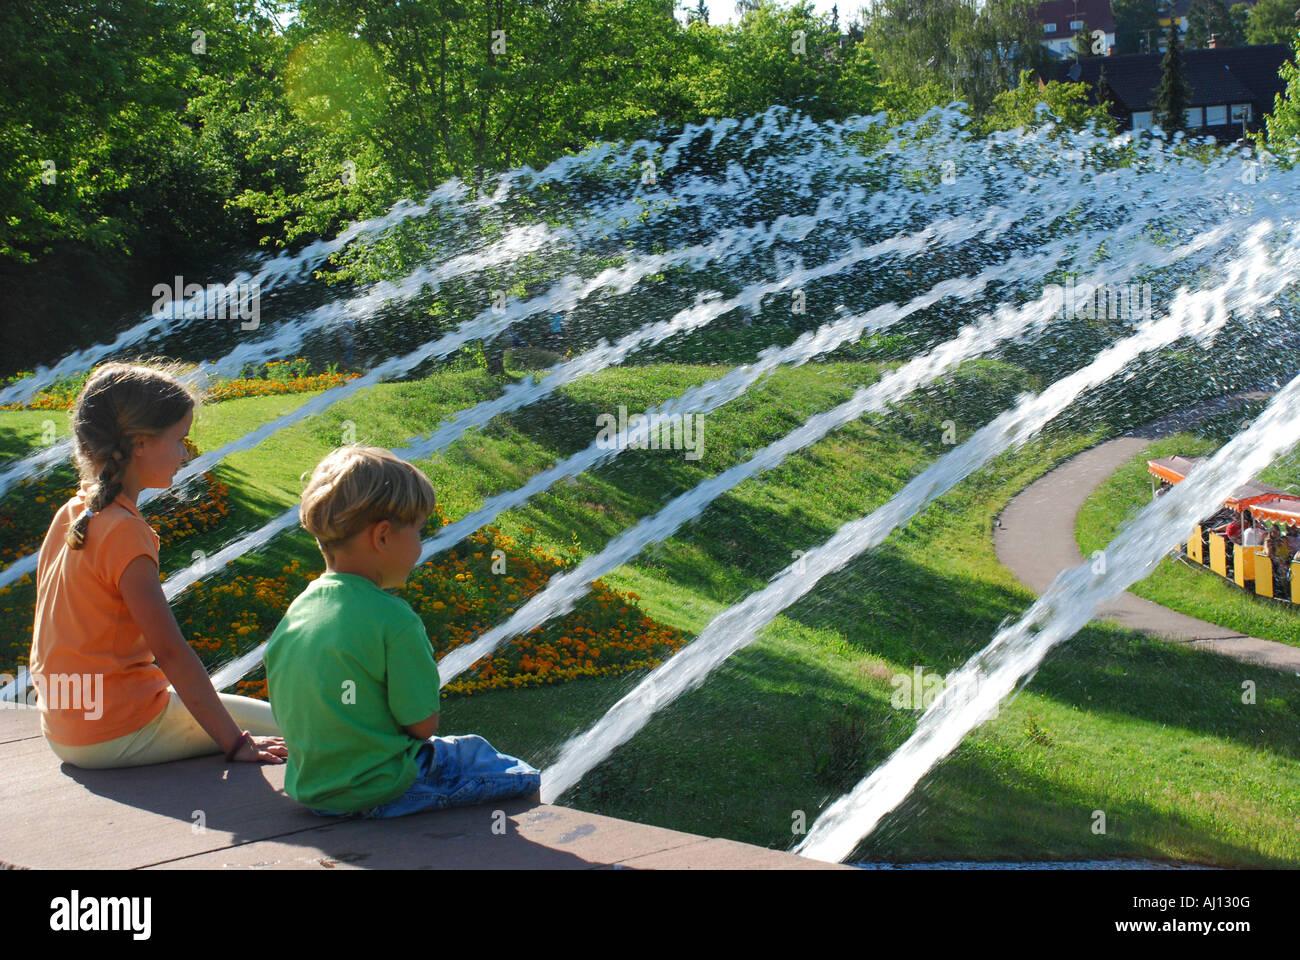 Kinder bestaunen die Kleinbahn Tatzelwurm vor Wasserspielen im Höhenpark Killesberg Stuttgart - Stock Image